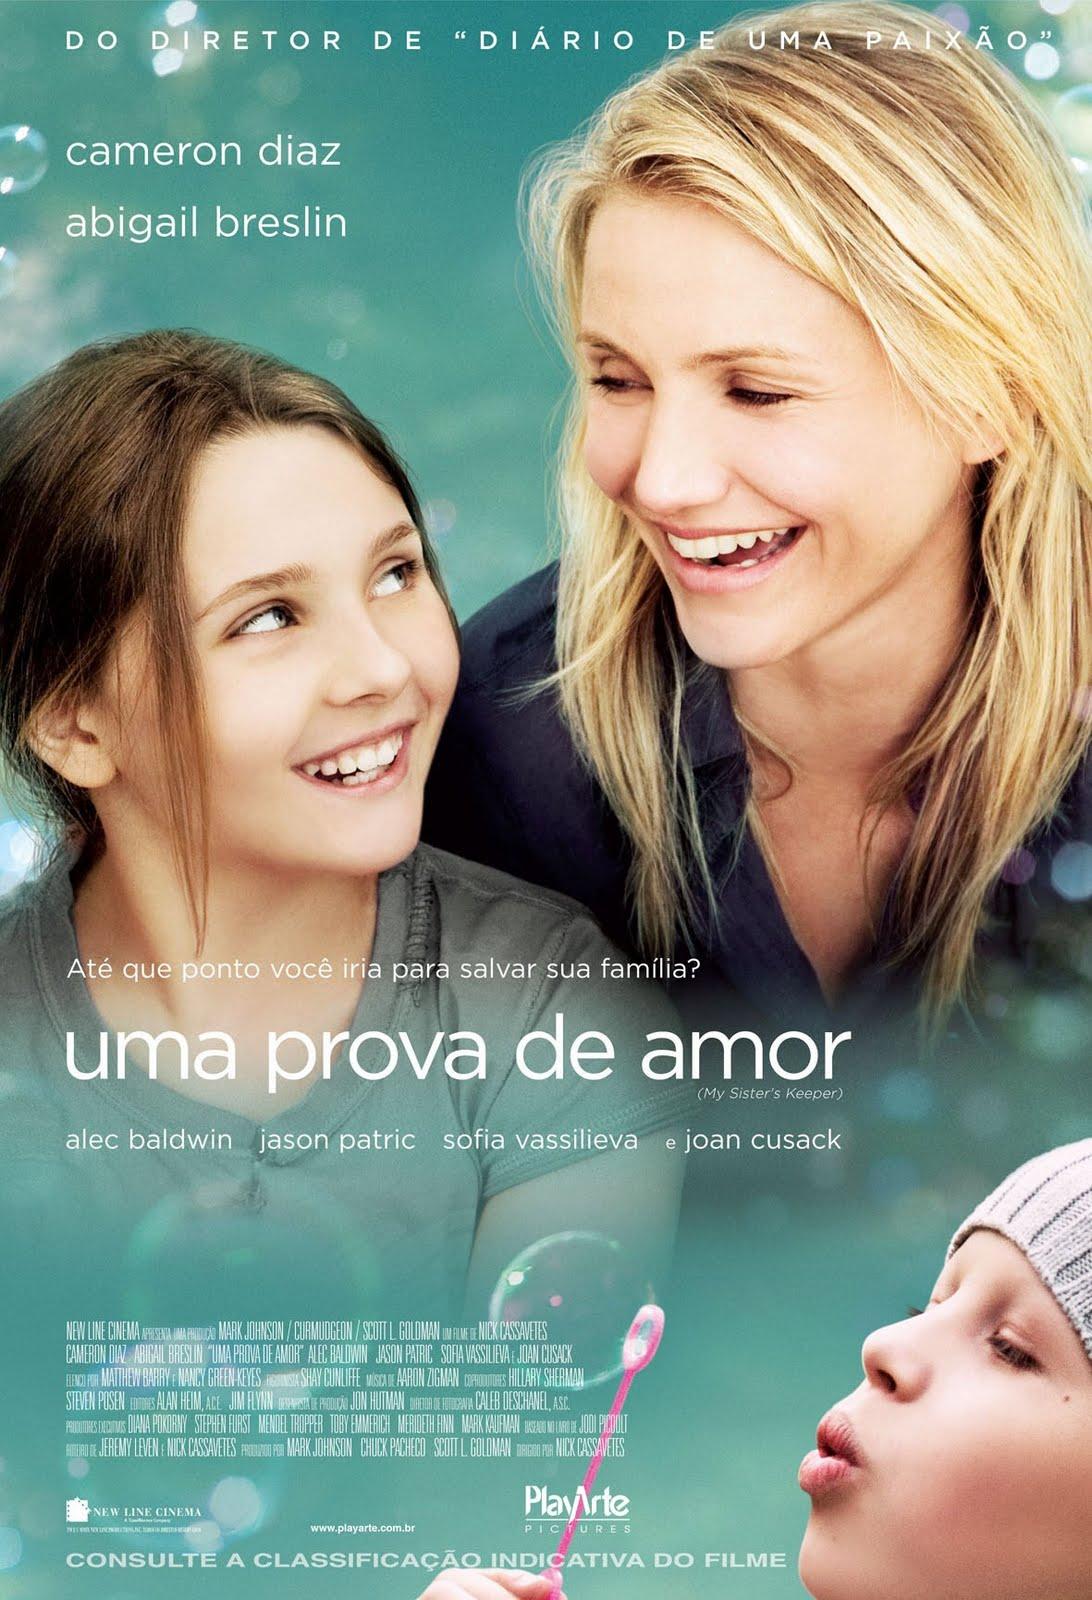 http://2.bp.blogspot.com/-UsUWtV_-W4I/UJFfe0wfLAI/AAAAAAAAQP8/DveiZJCX2Lw/s1600/uma-prova-de-amor_poster.jpg